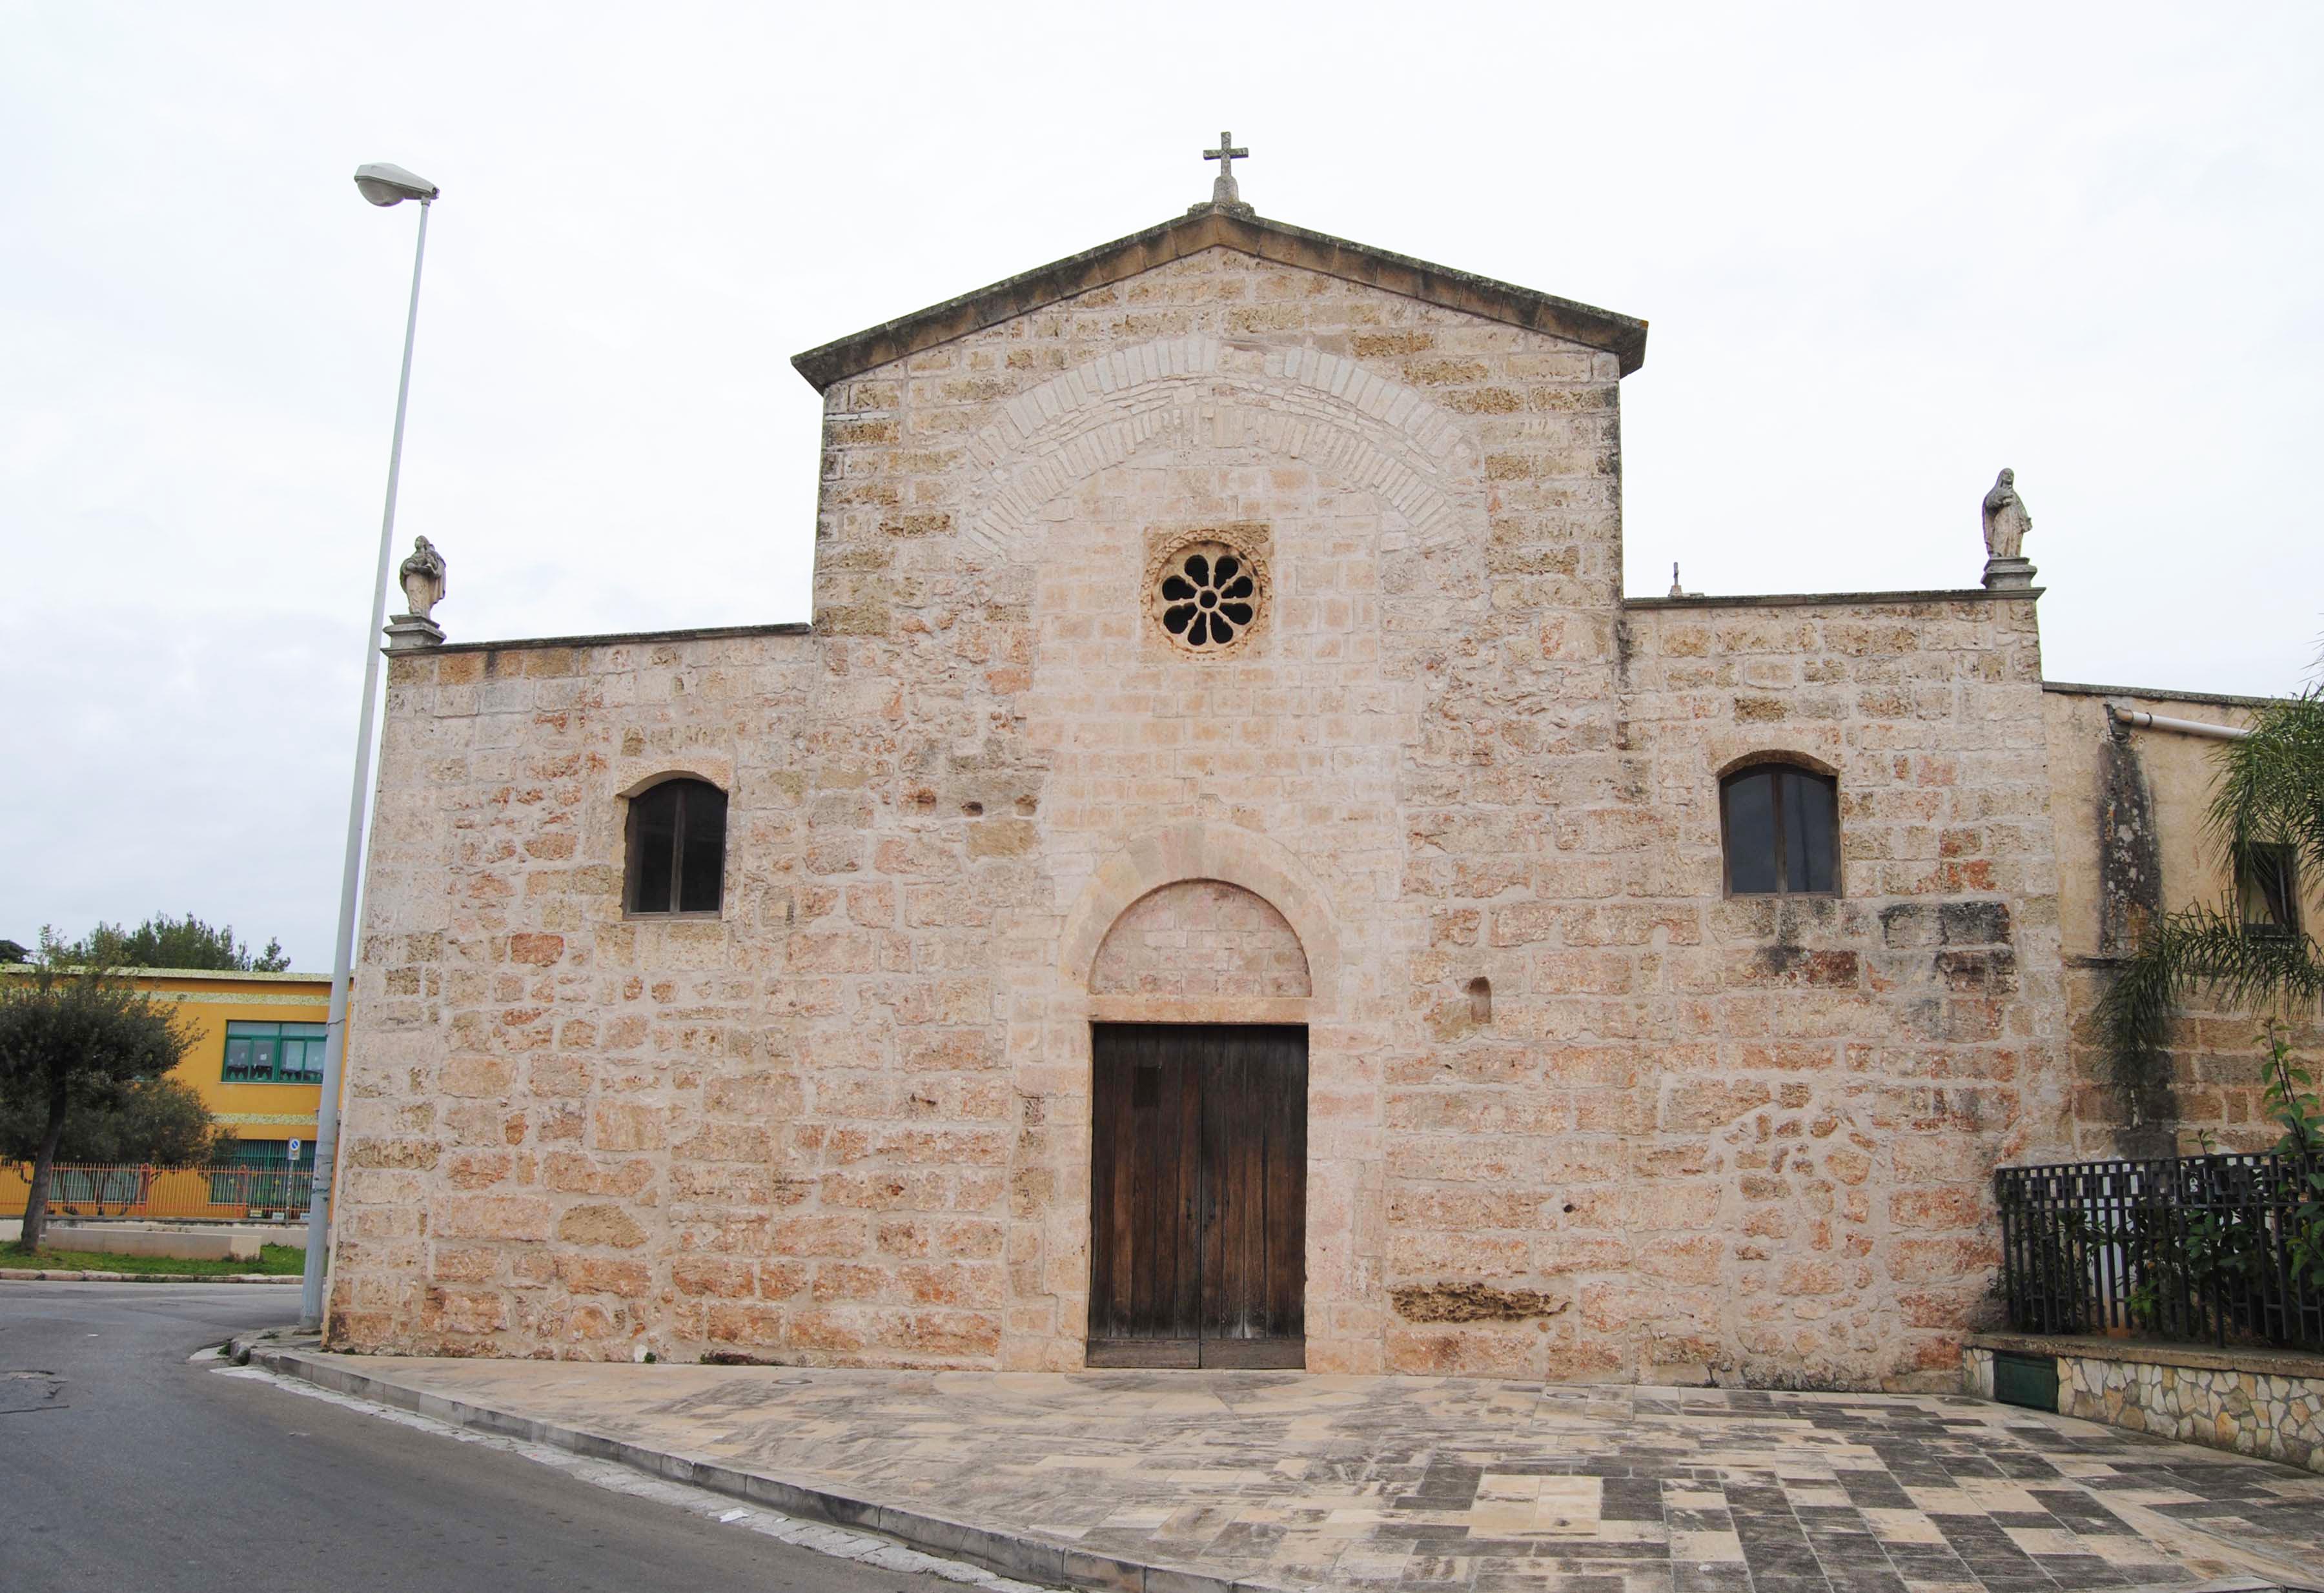 Chiesa di s maria della croce for Cartapesta leccese tecnica